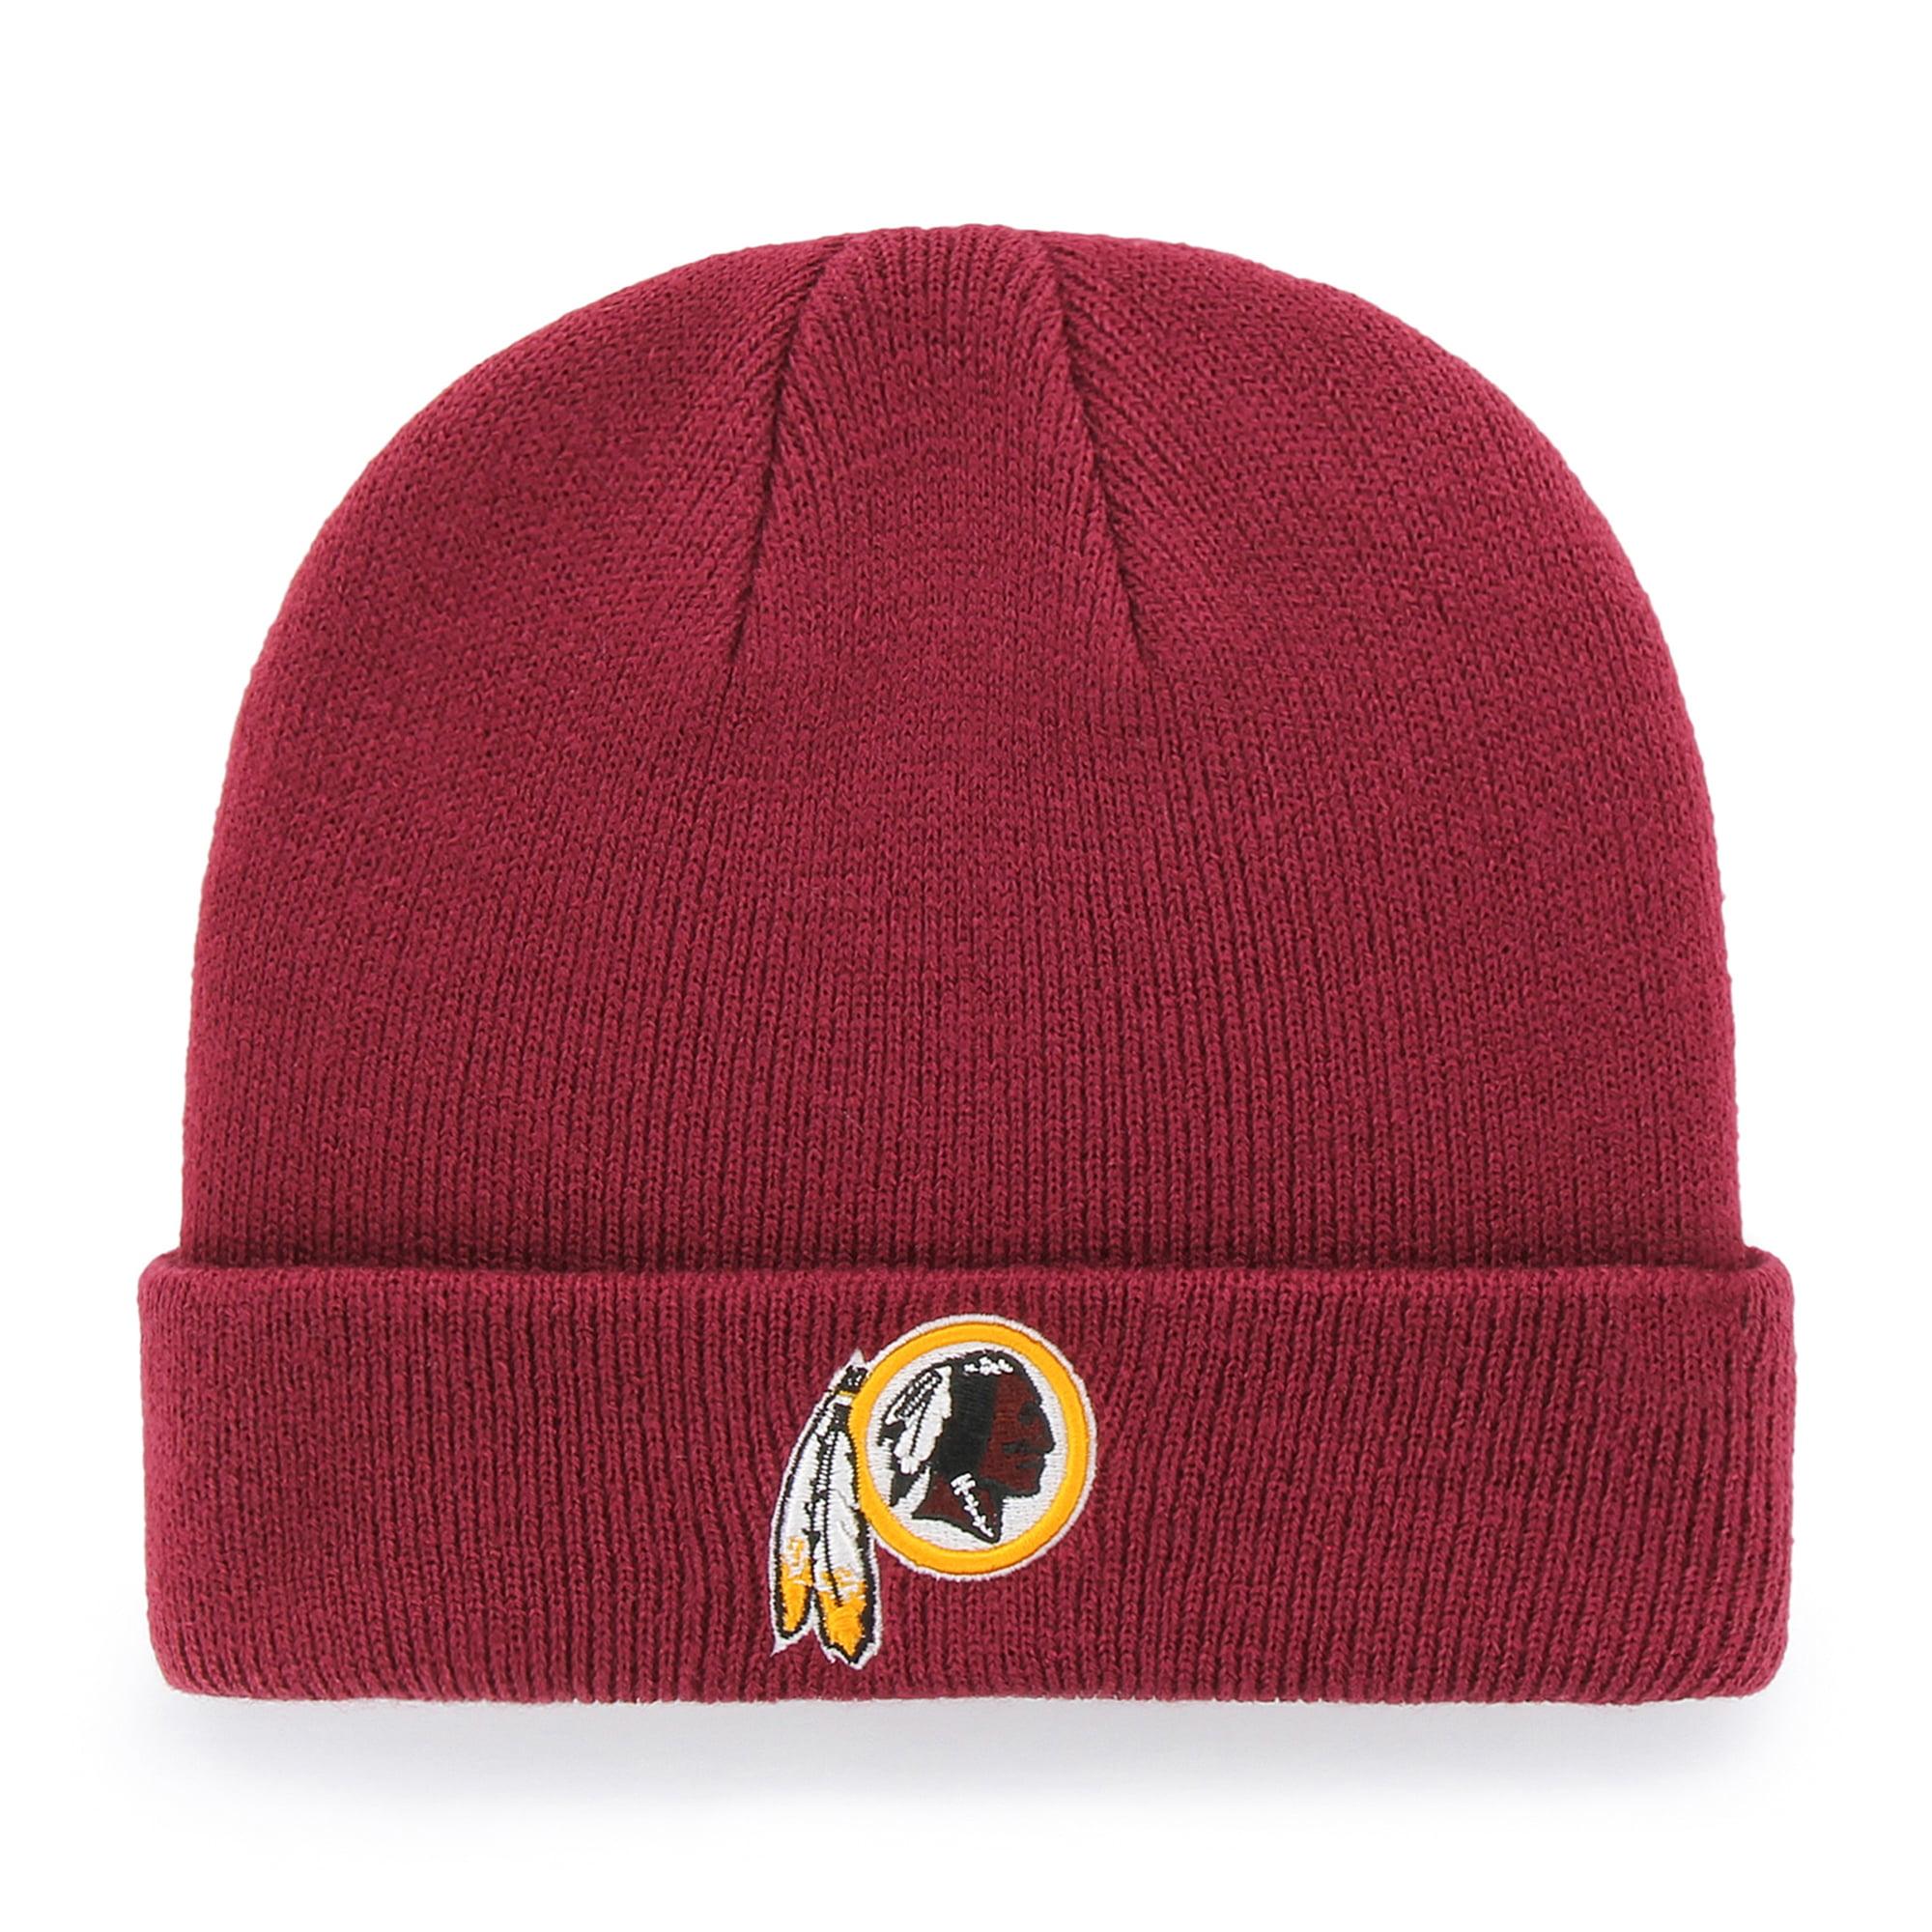 NFL Washington Redskins Cuff Knit Beanie by Fan Favorite